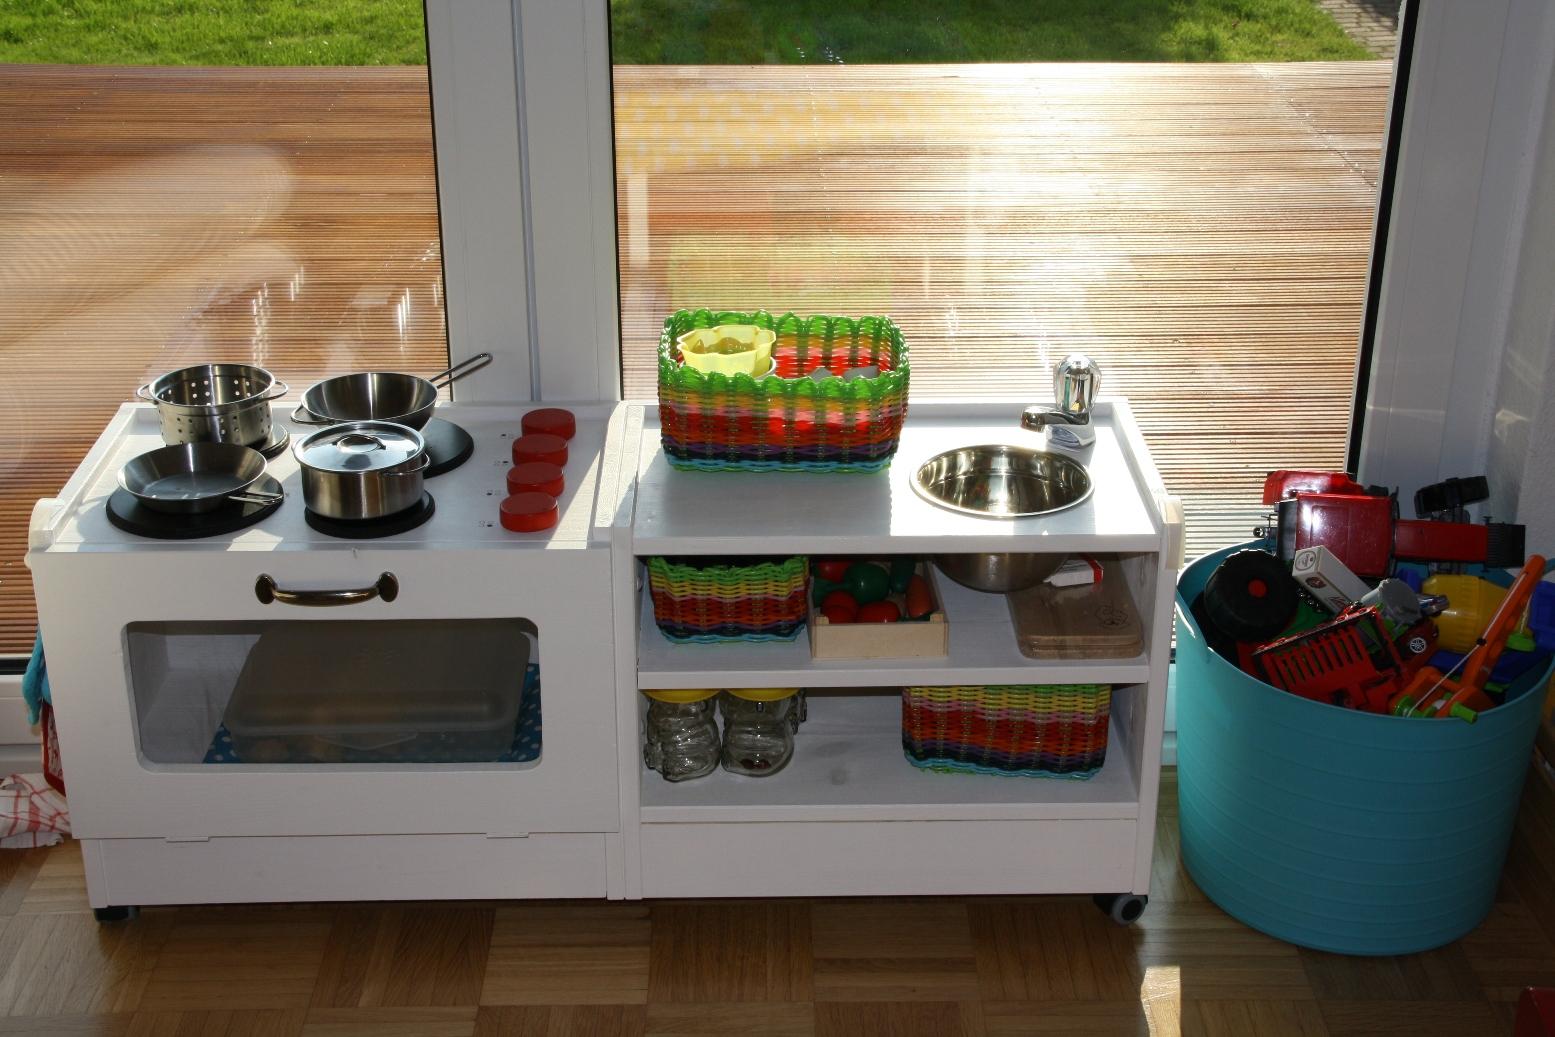 diy kinderk che. Black Bedroom Furniture Sets. Home Design Ideas